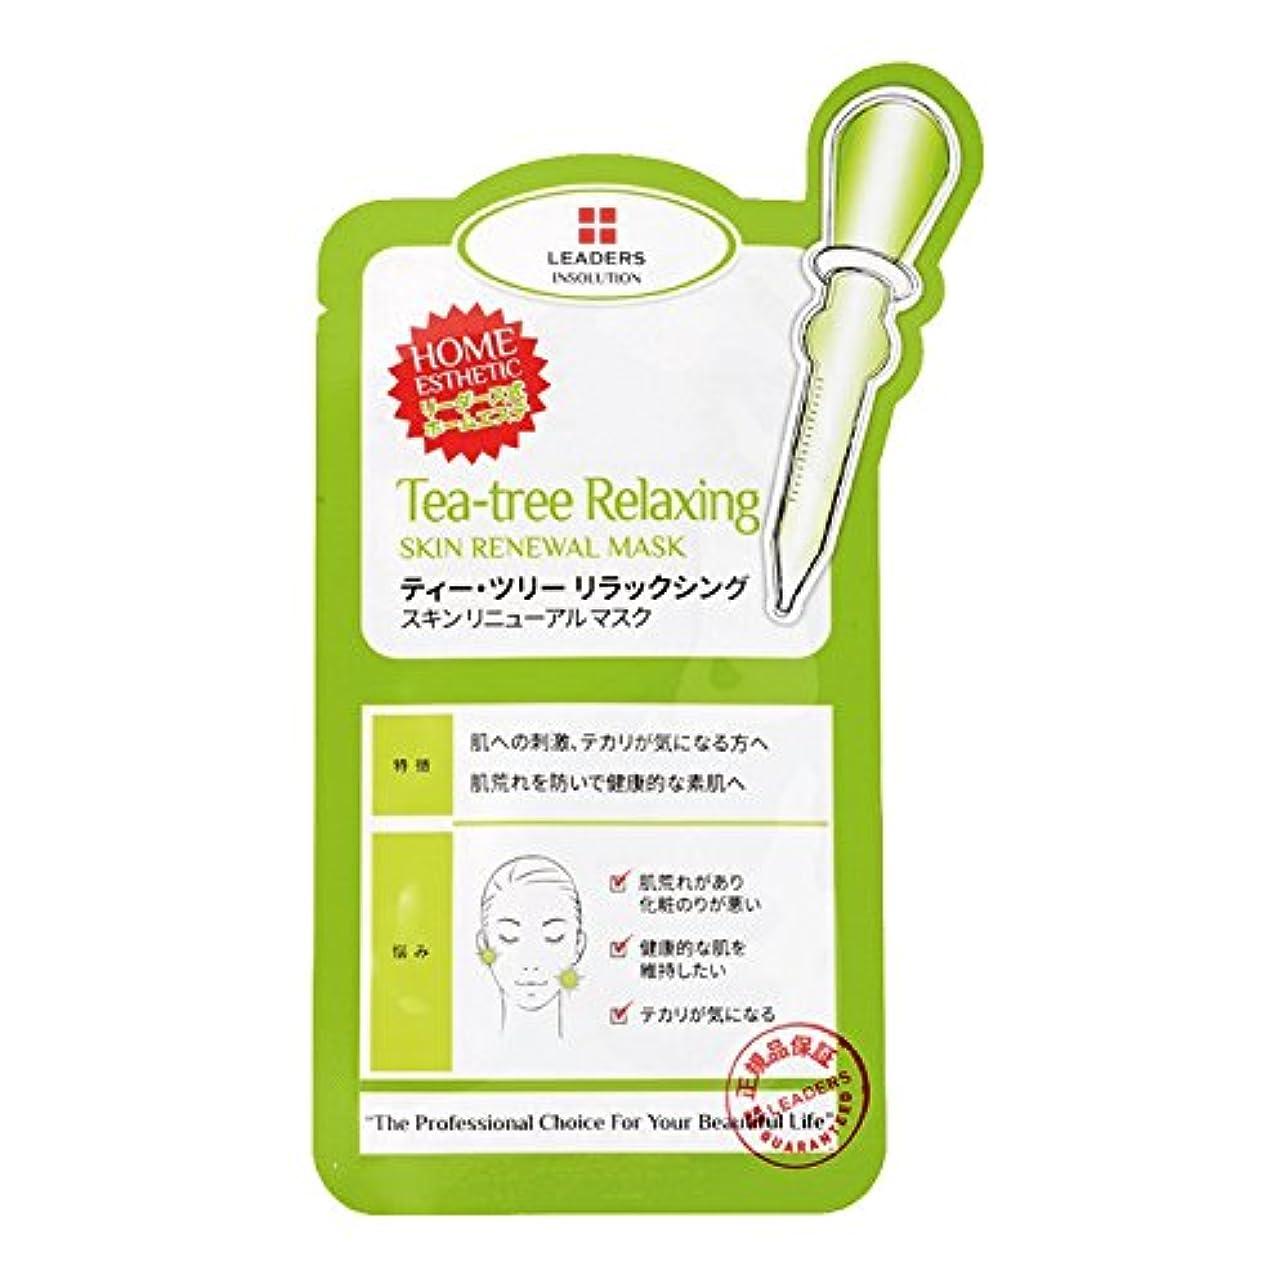 ガラガラ予測子わざわざ日本限定版 国内正規品 LEADERS リーダース ティー?ツリーリラックシング スキンリニュアル マスク 1枚 25ml 敏感肌 皮脂ケア